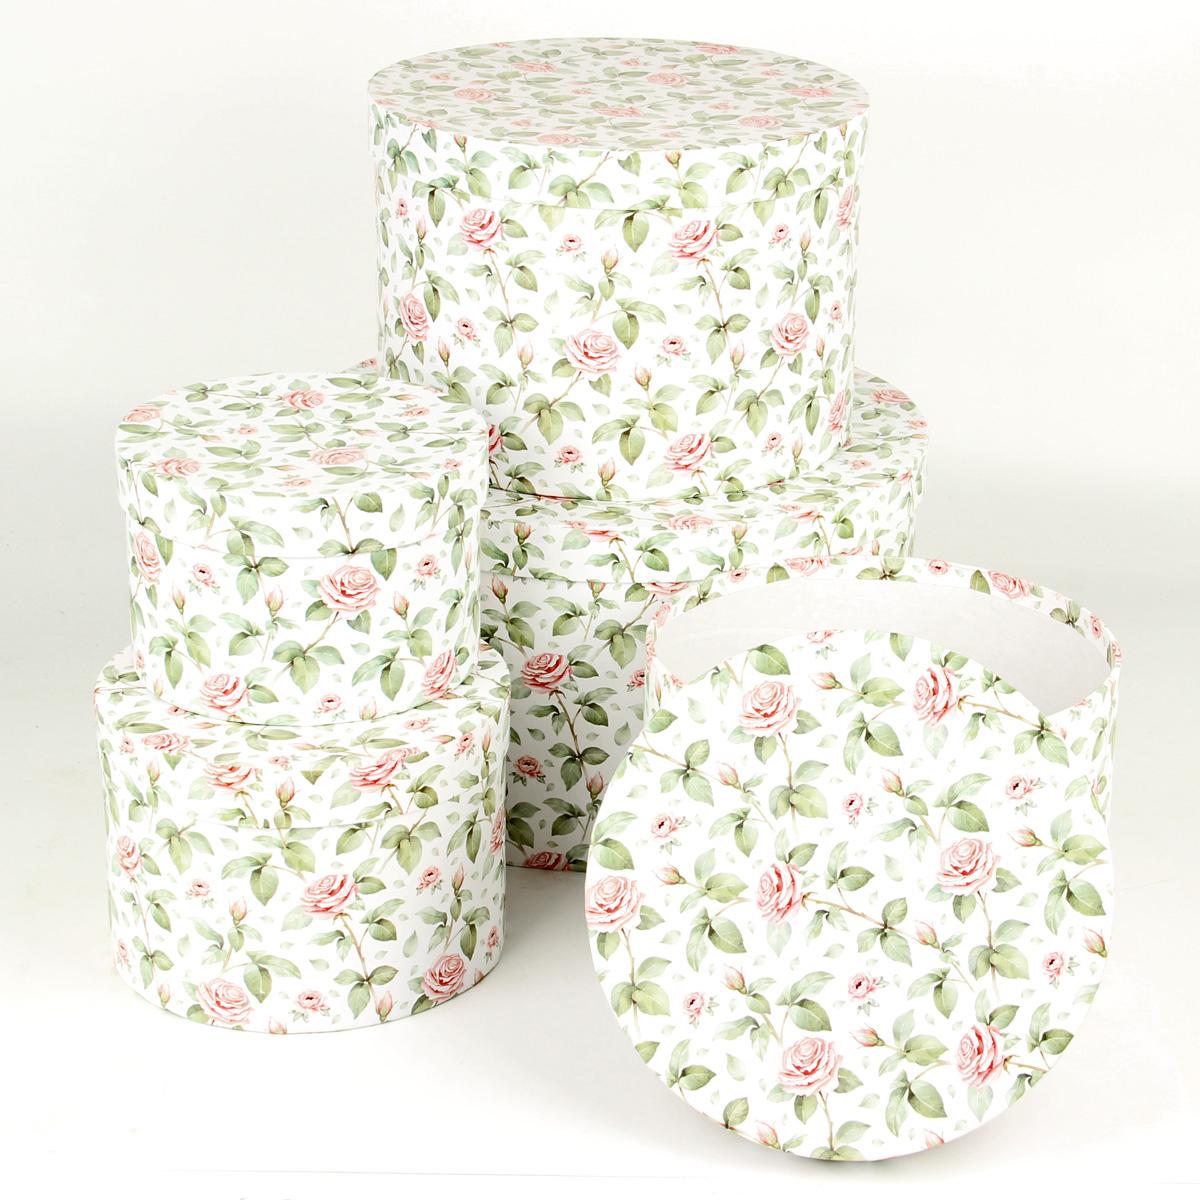 Набор подарочных коробок Veld-Co Чайные розы, круглые, 5 шт набор подарочных коробок veld co нежные розы кубы 5 шт